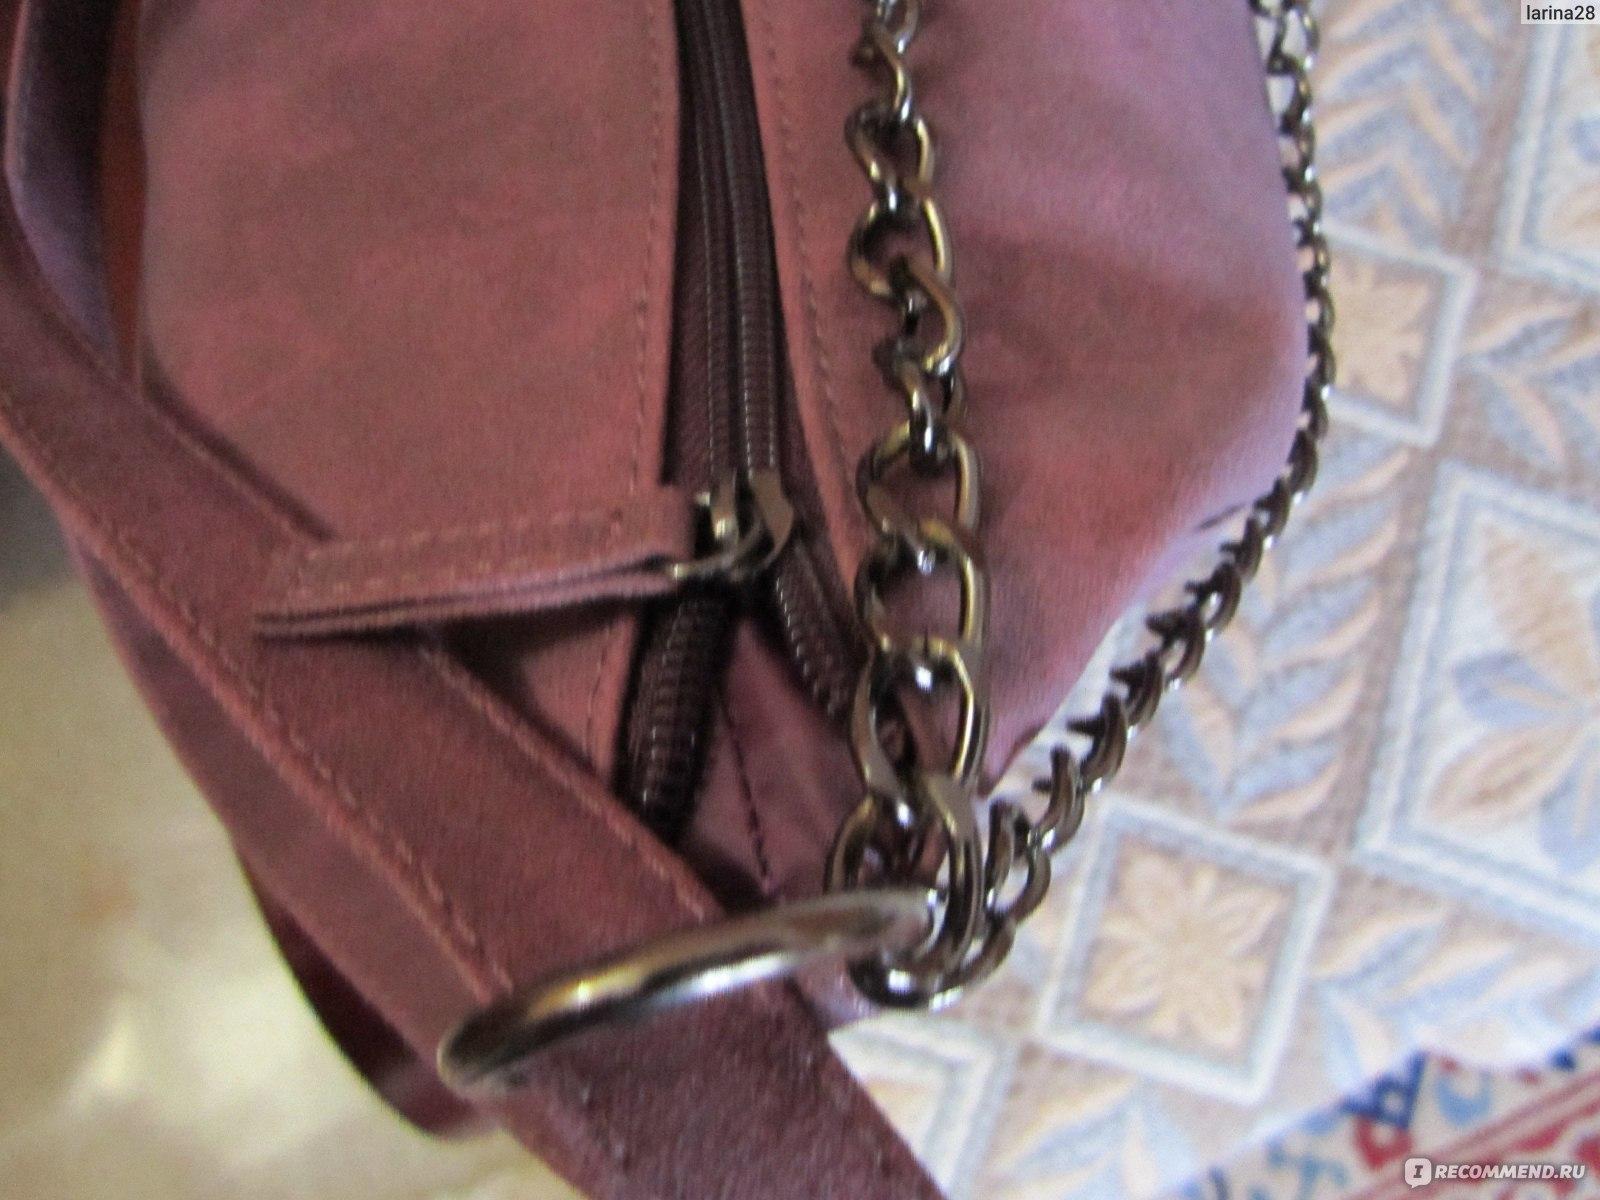 Avon сумка диана женская avon edp